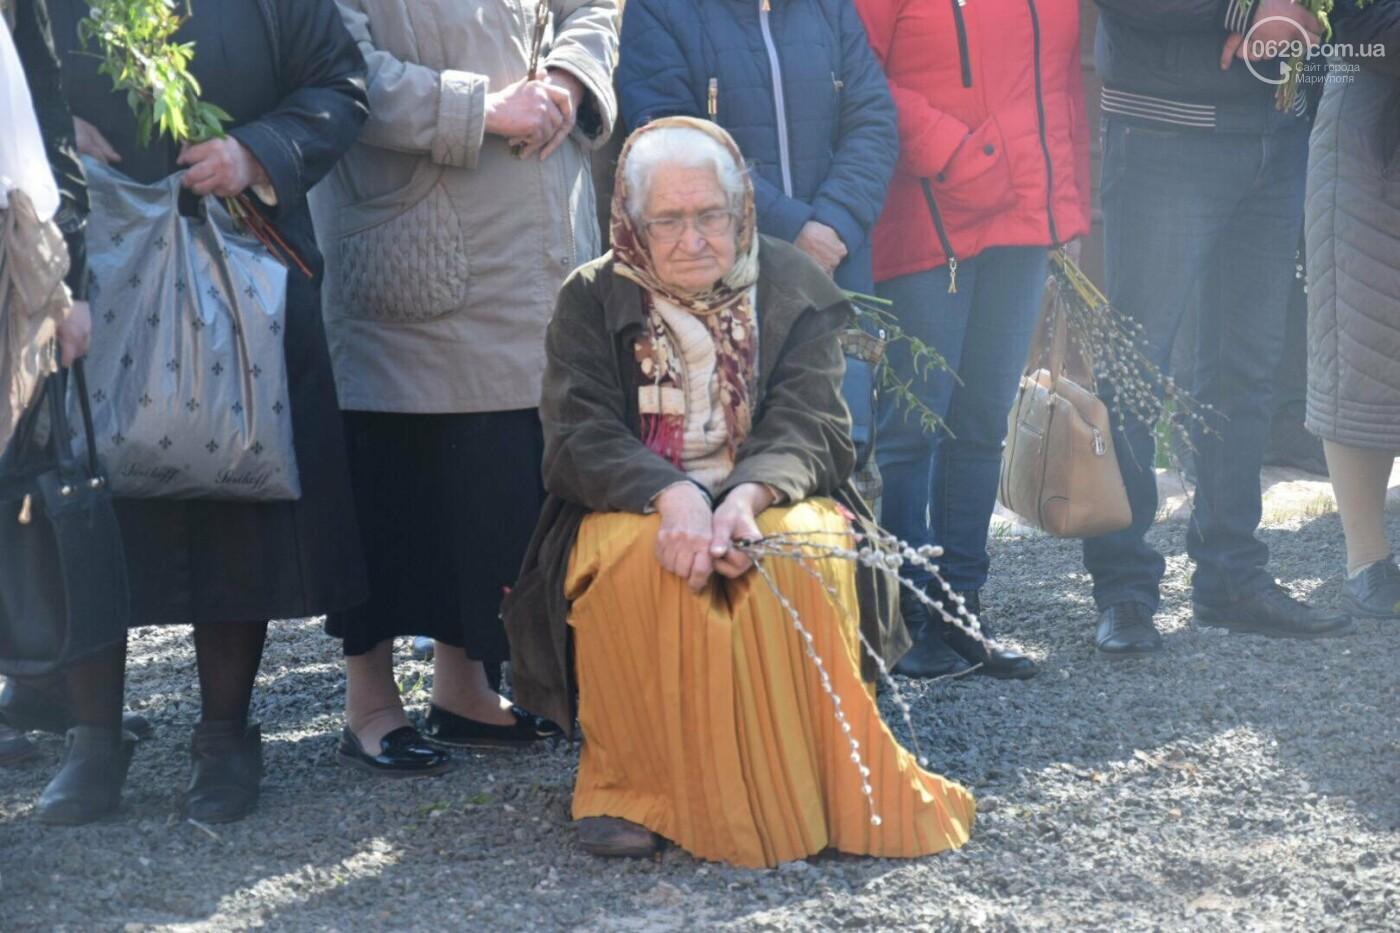 Выборы и верба: как Мариуполь празднует православный праздник, - ФОТОРЕПОРТАЖ, фото-32